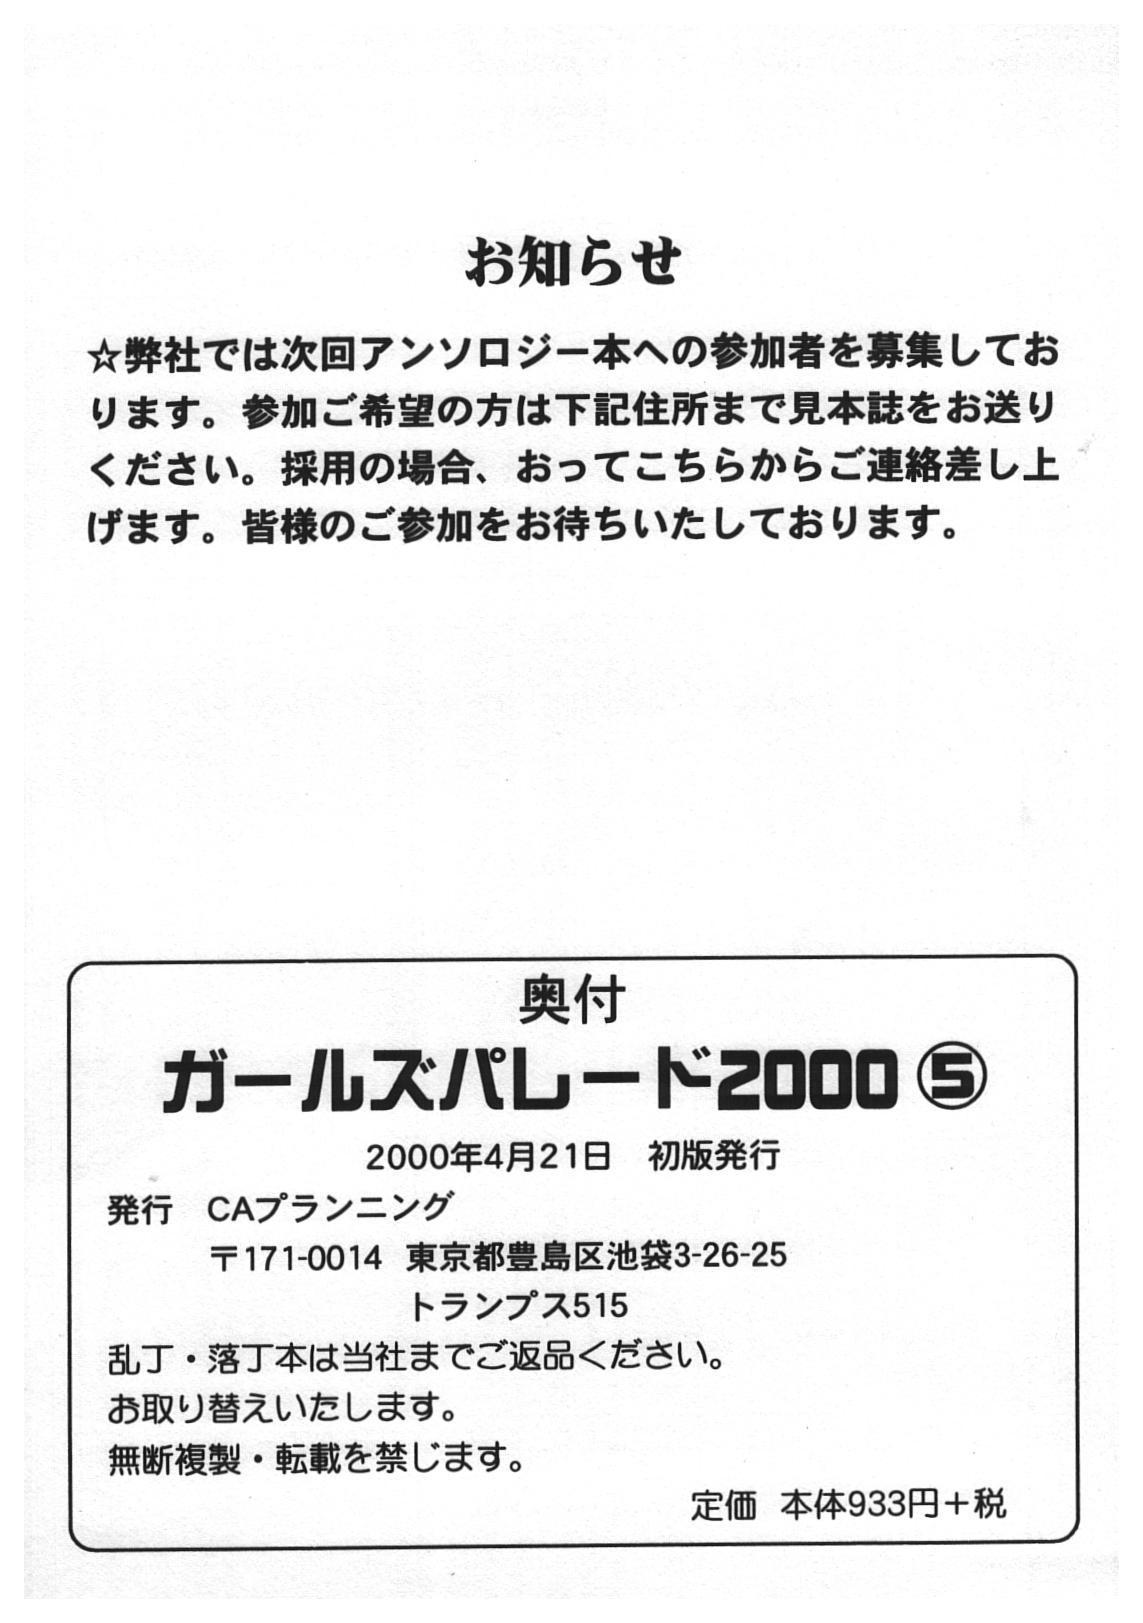 Girl's Parade 2000 5 161